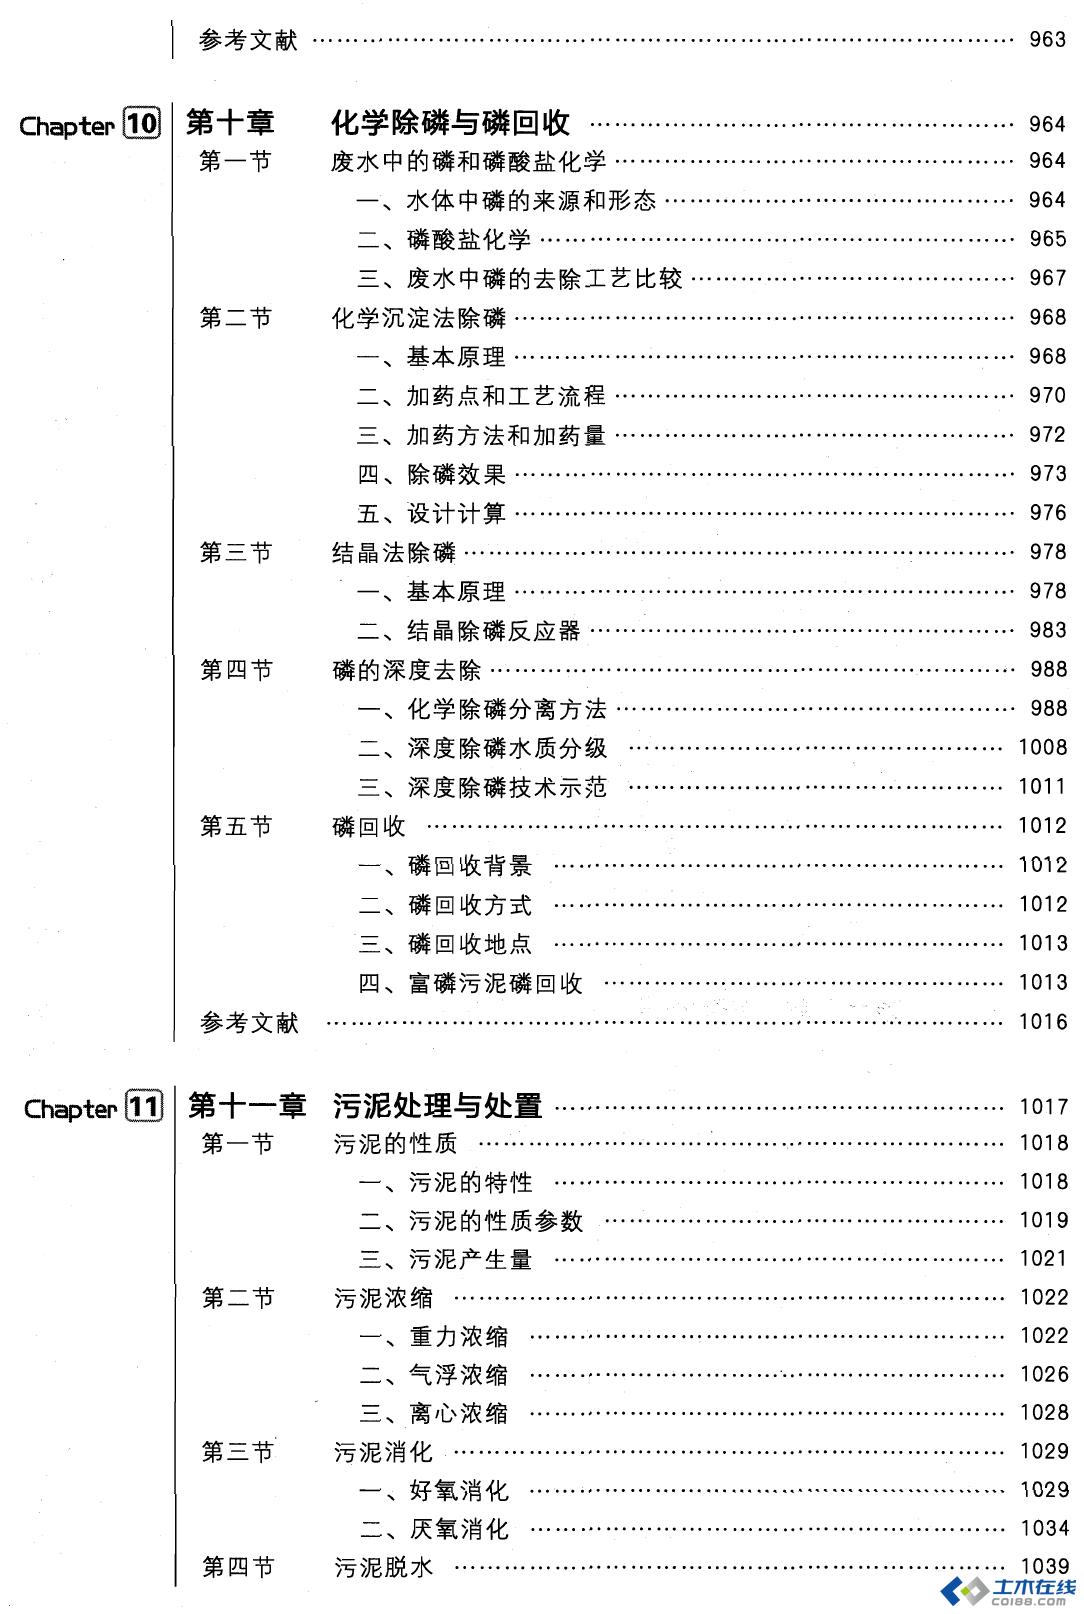 环境工程技术手册:废水污染控制技术手册